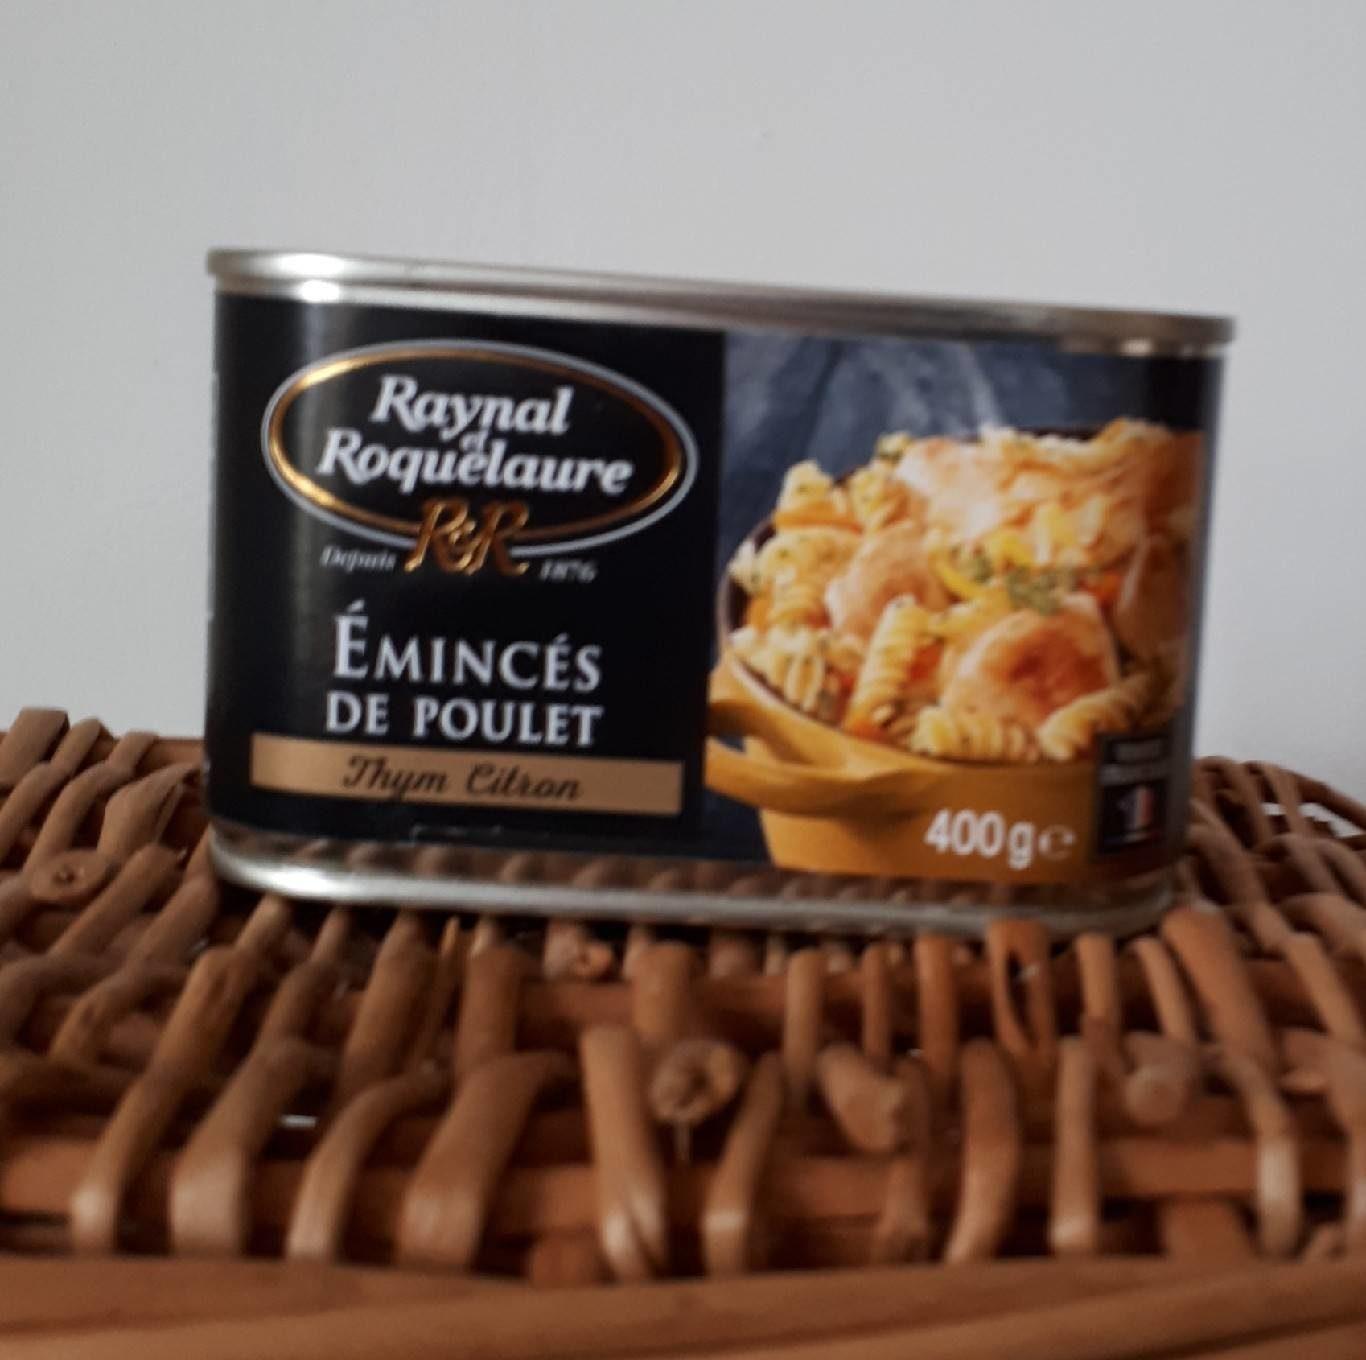 Émincés de poulet - Product - fr